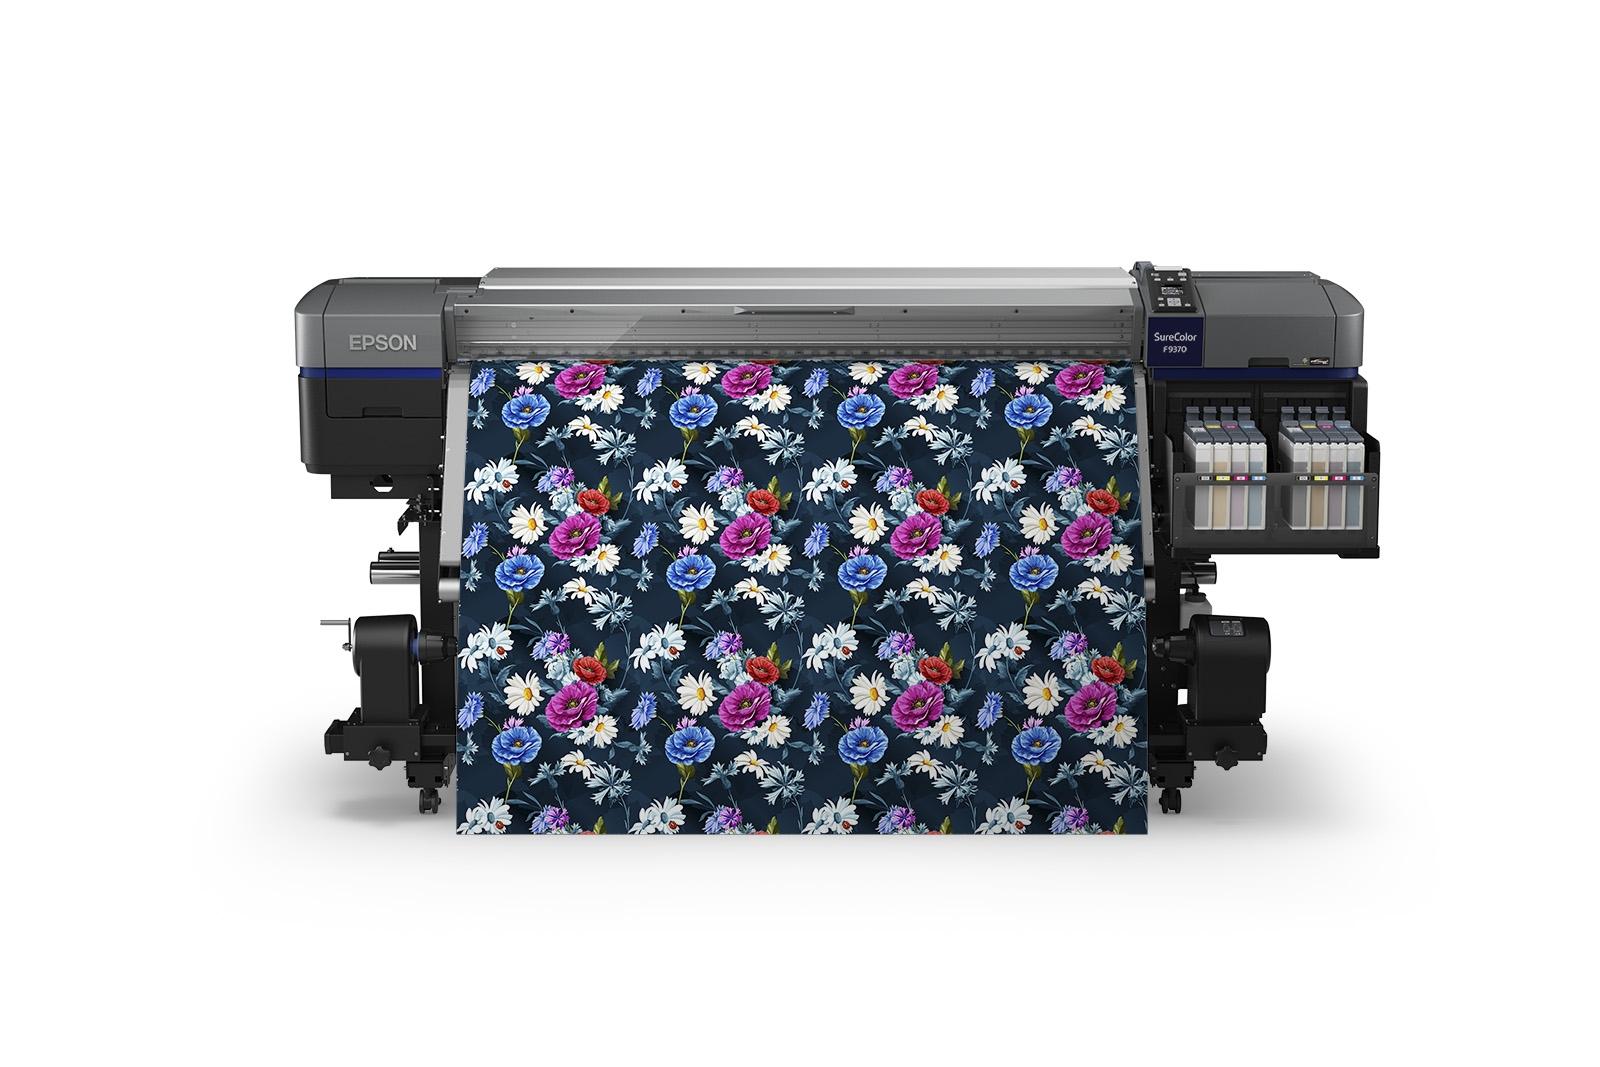 Preferential Epson Introduces Surecolor Inkjetprinter Apparel Market Epson Introduces Surecolor Epson Sublimation Printer Australia Epson Sublimation Printers South Africa Textile dpreview Epson Sublimation Printers